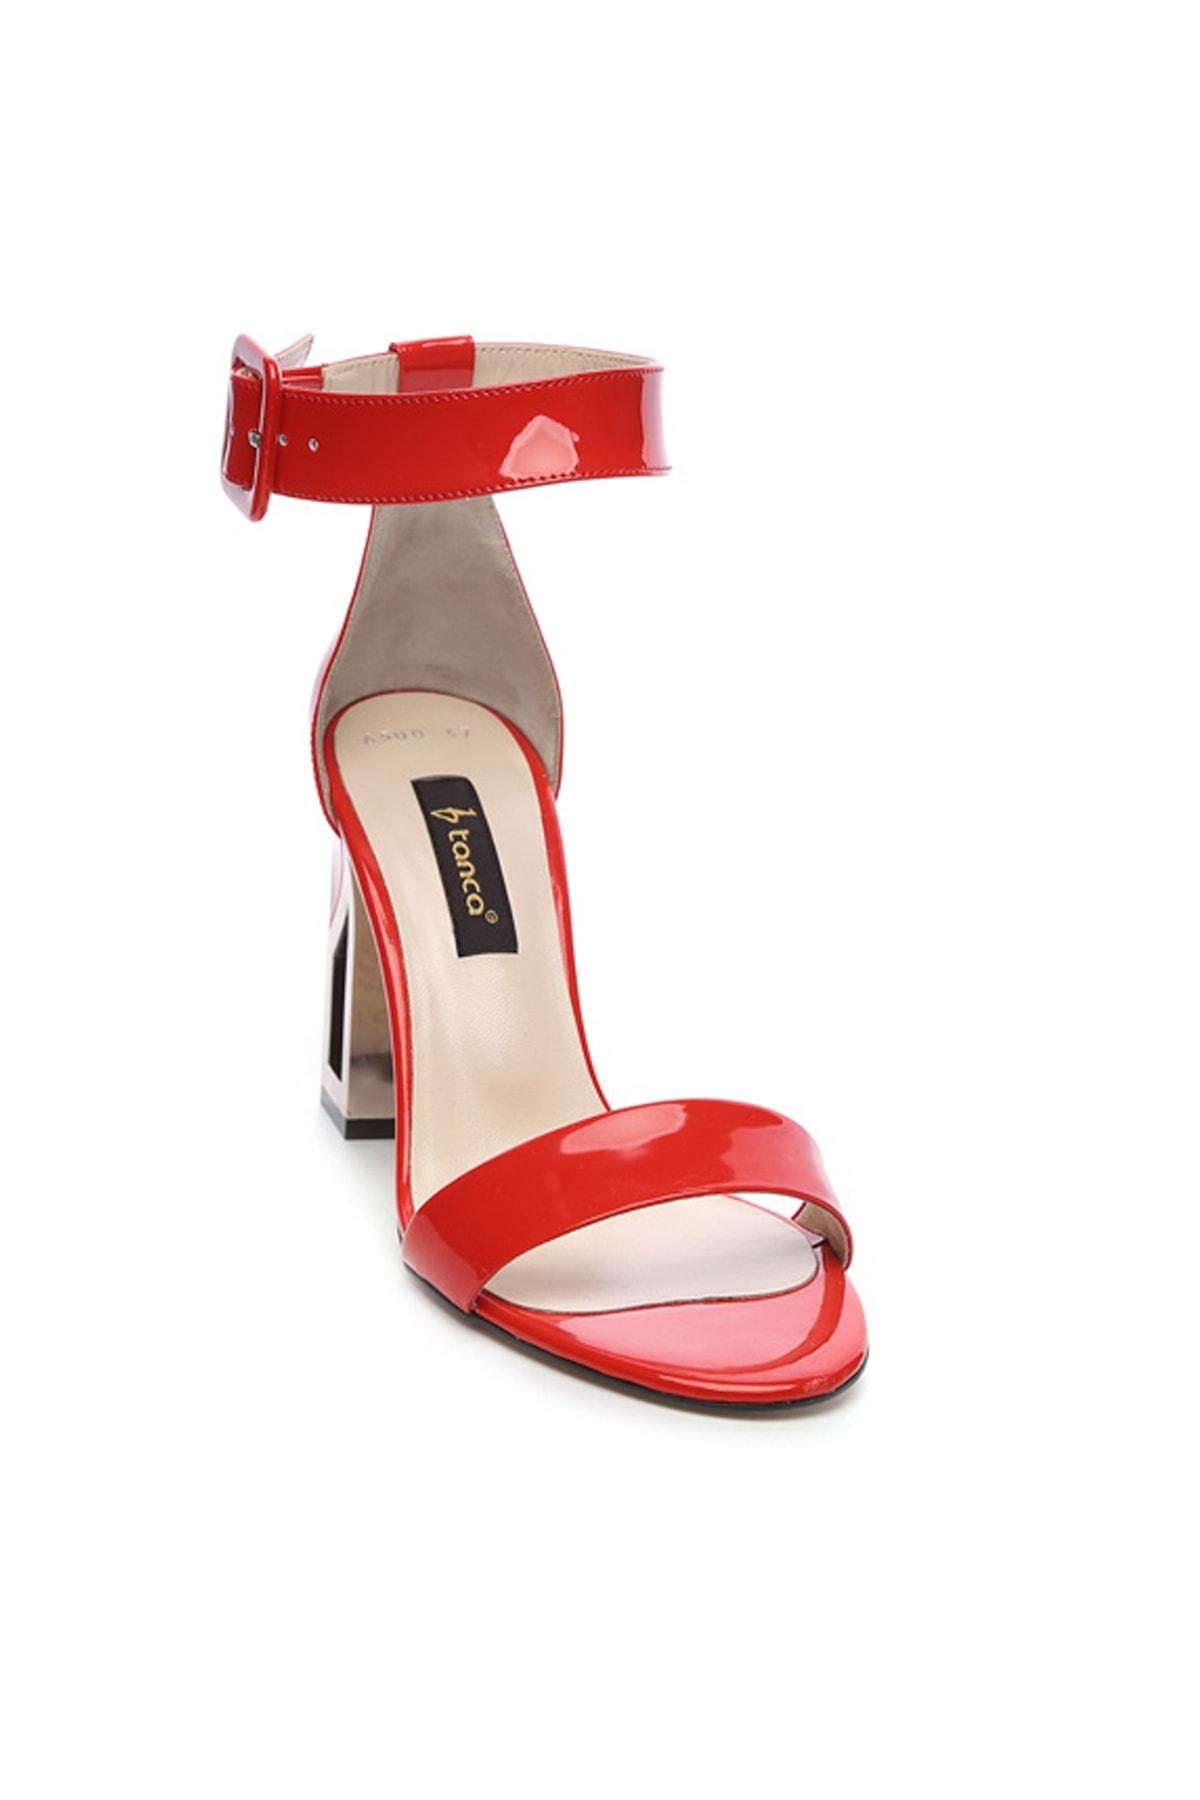 KEMAL TANCA Hakiki Deri Kırmızı Kadın Klasik Topuklu Ayakkabı 94 6500Y BN AYK Y19 2